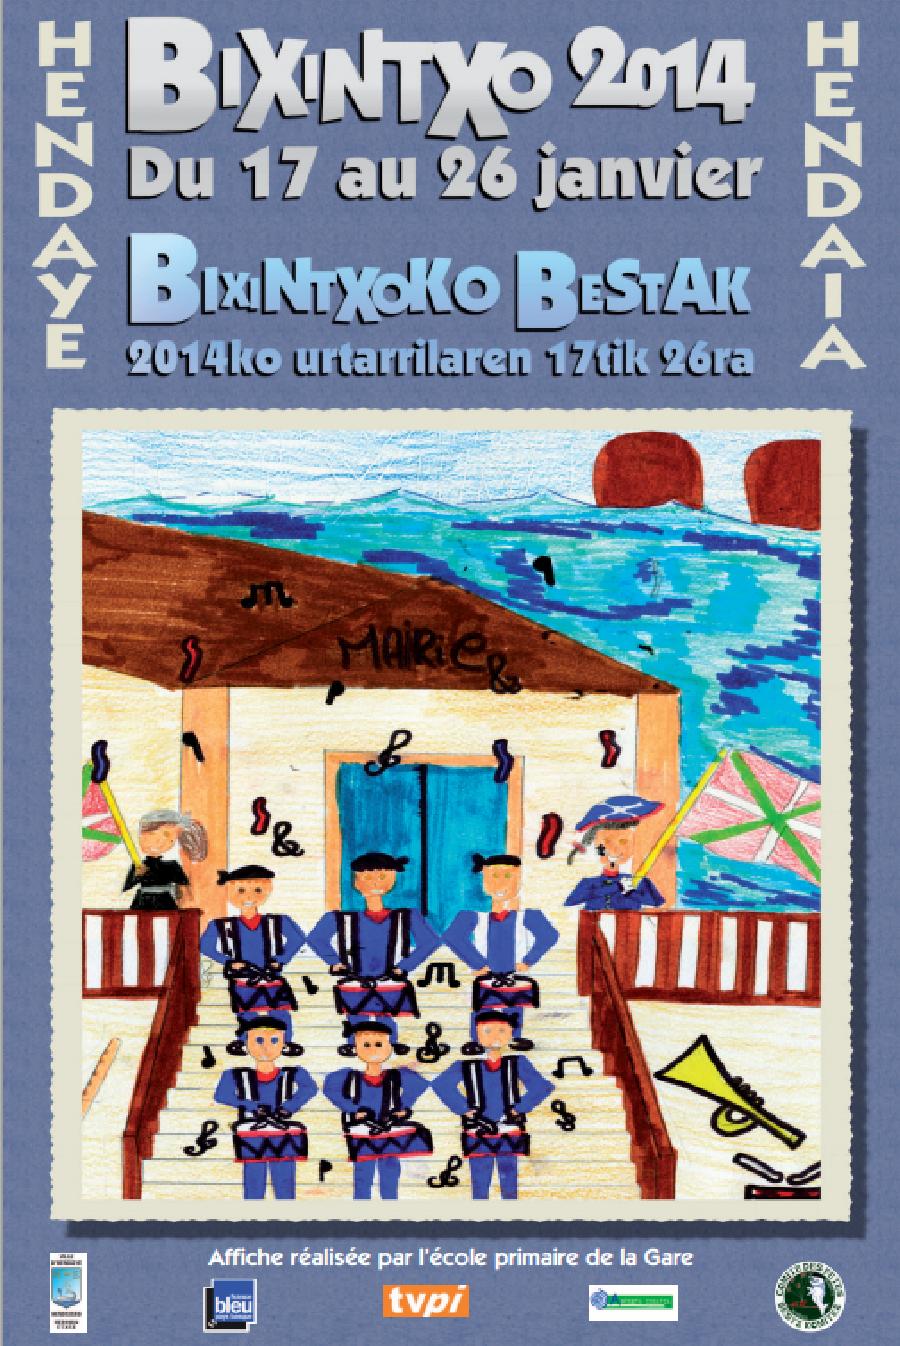 Hendaye : Fêtes de la Bixintxo 2014